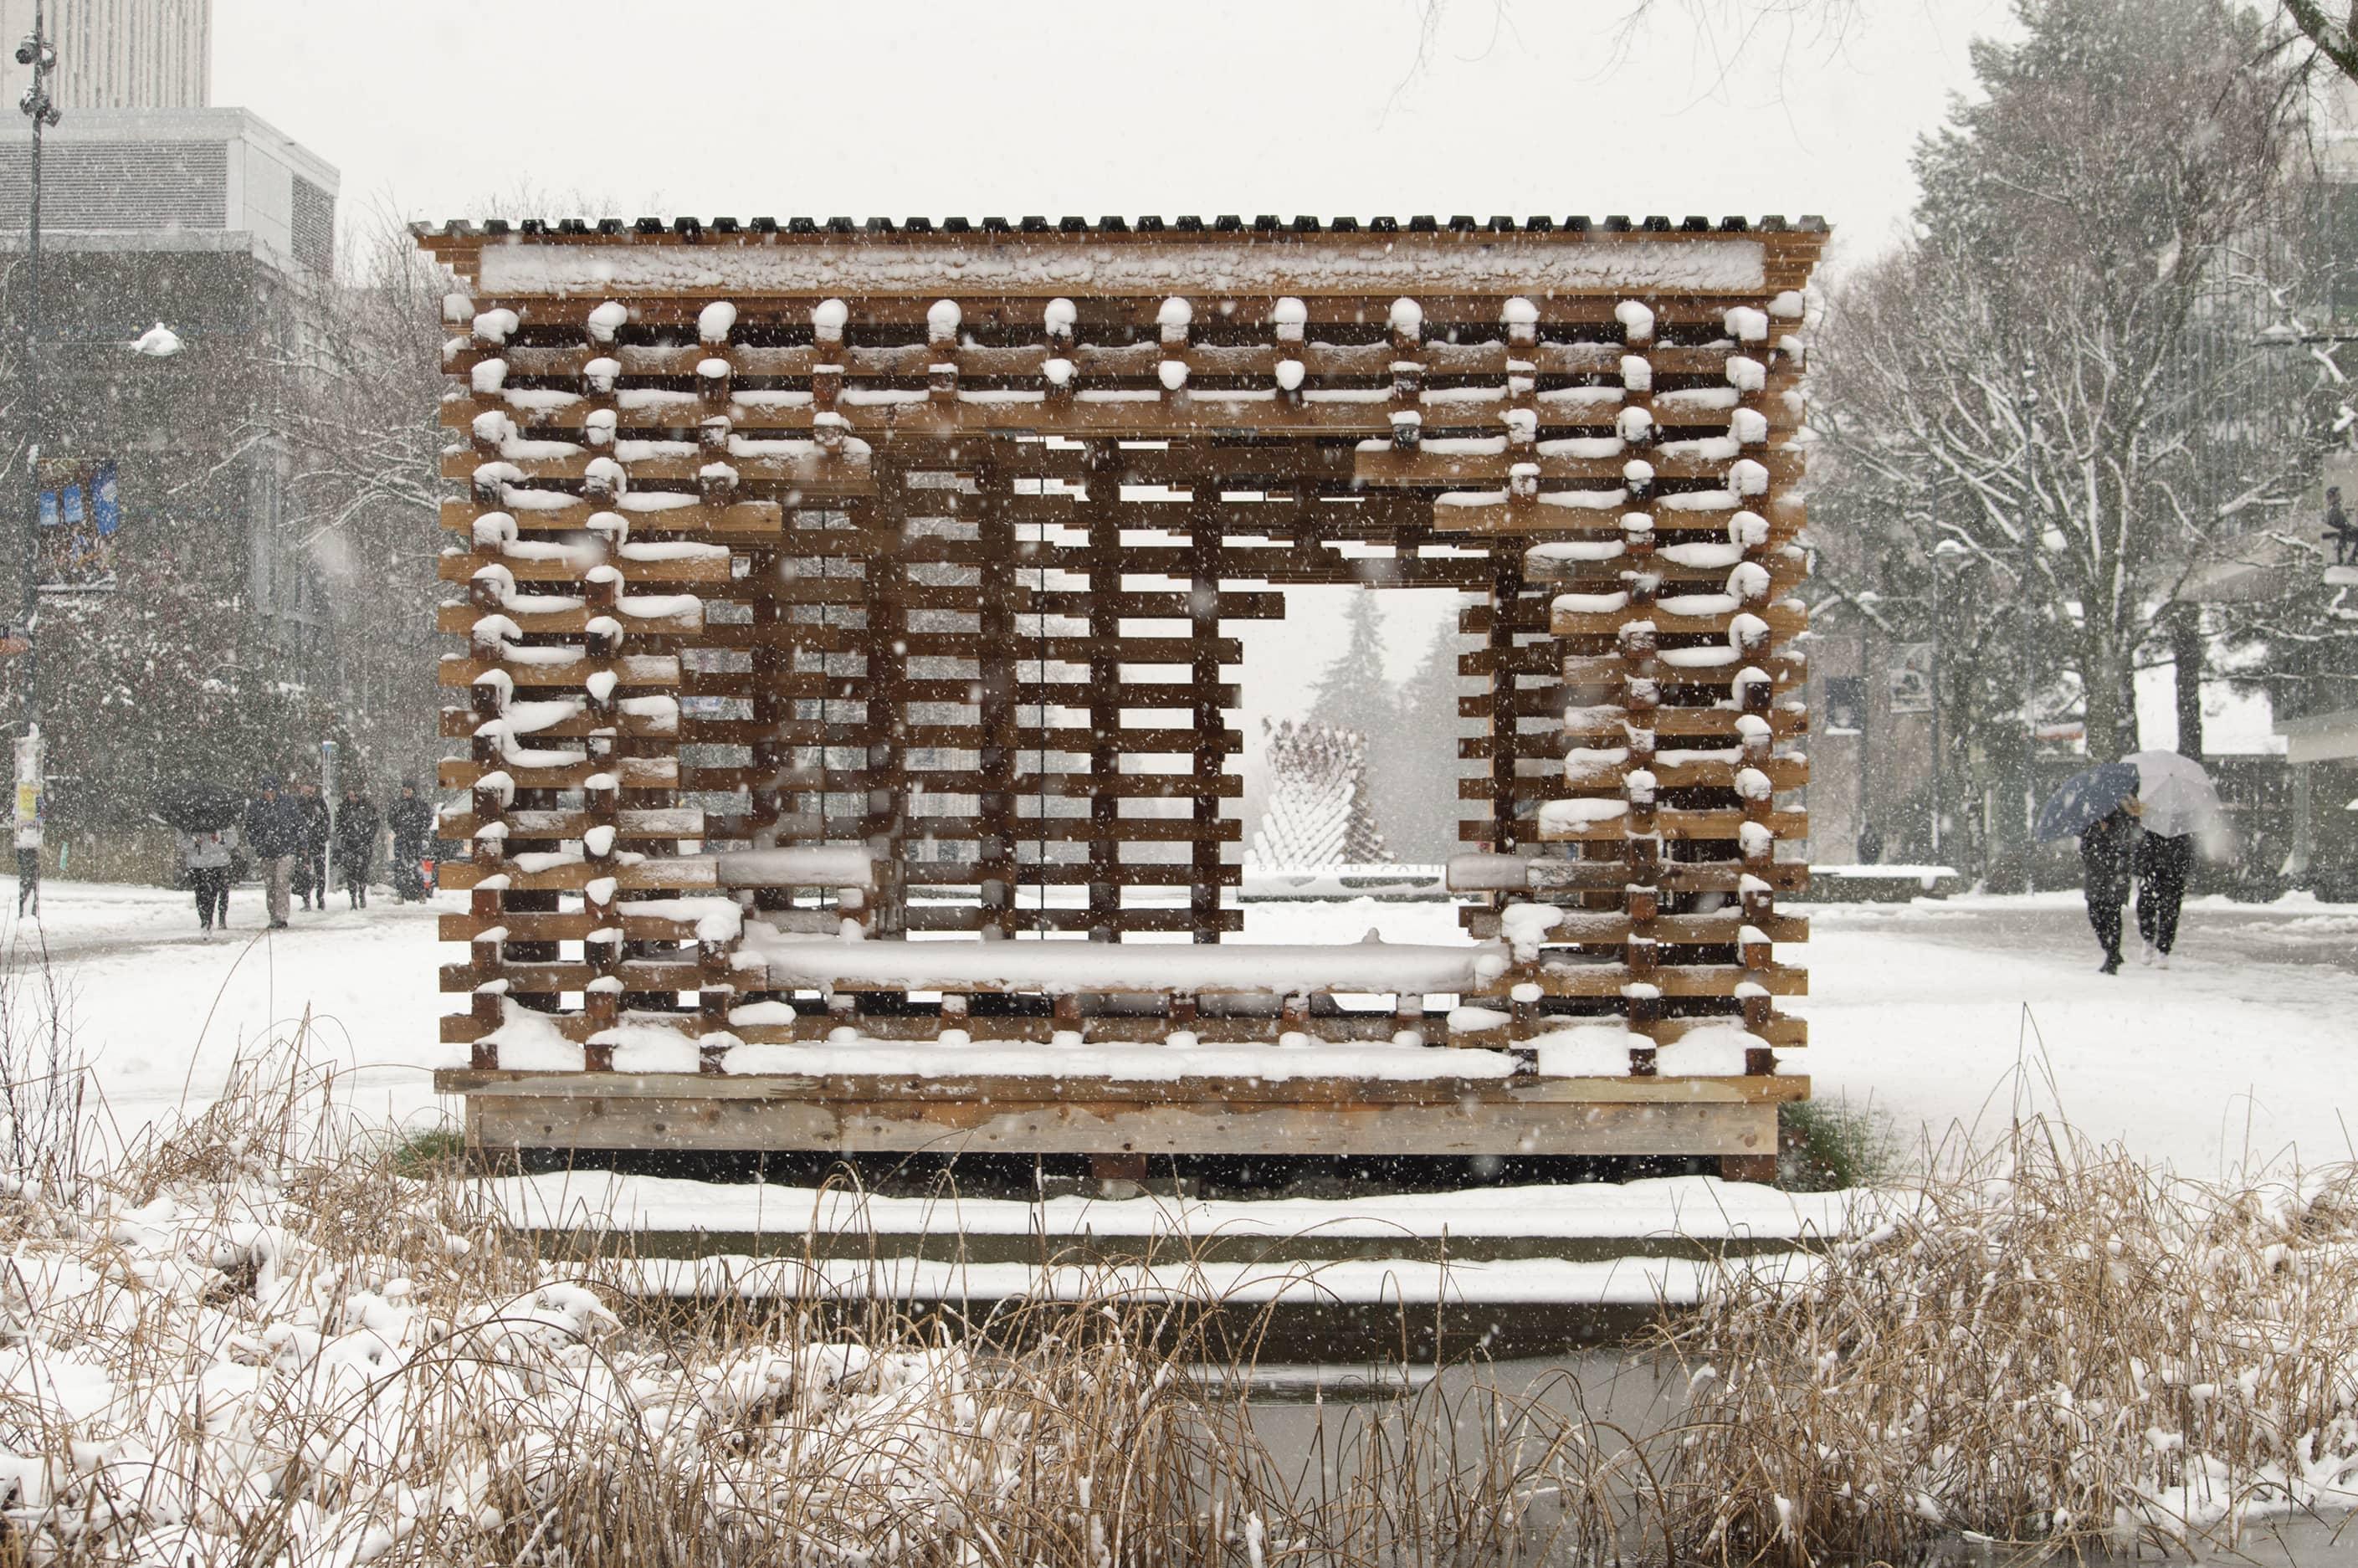 bbp ubc sala c-shore pavilion exterior snow